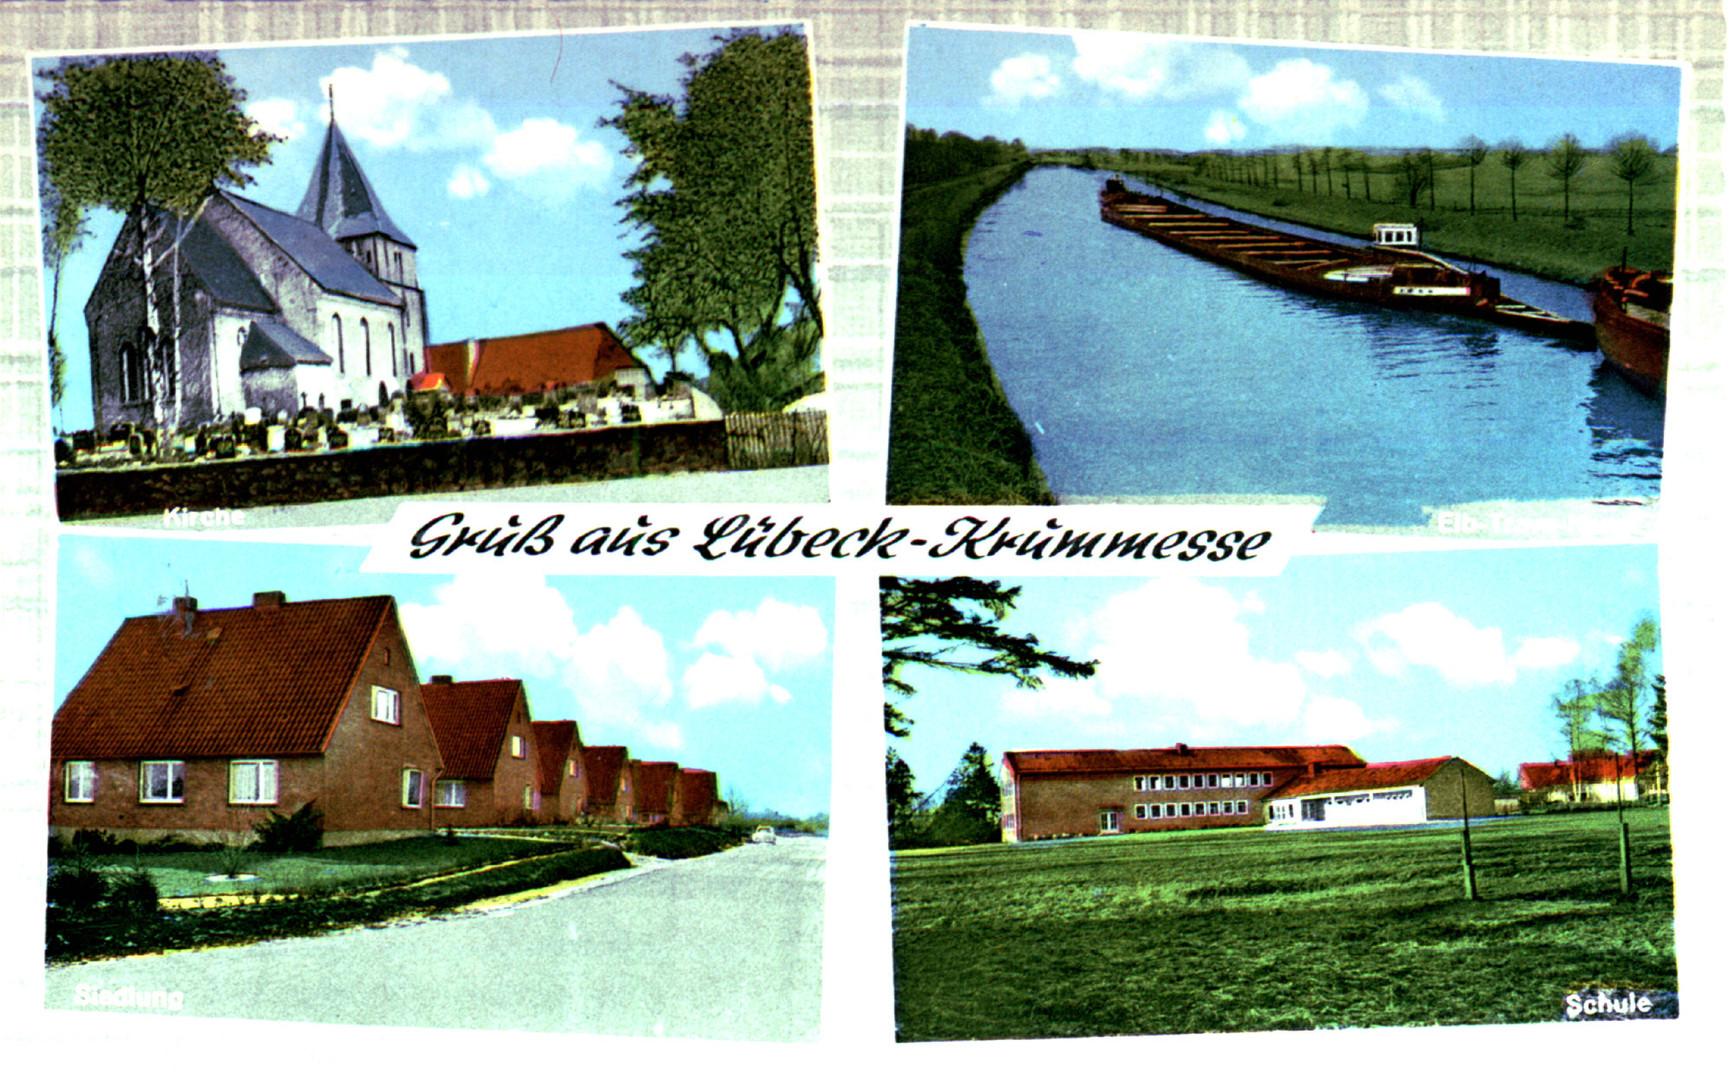 Gruss aus Lübeck Krummesse